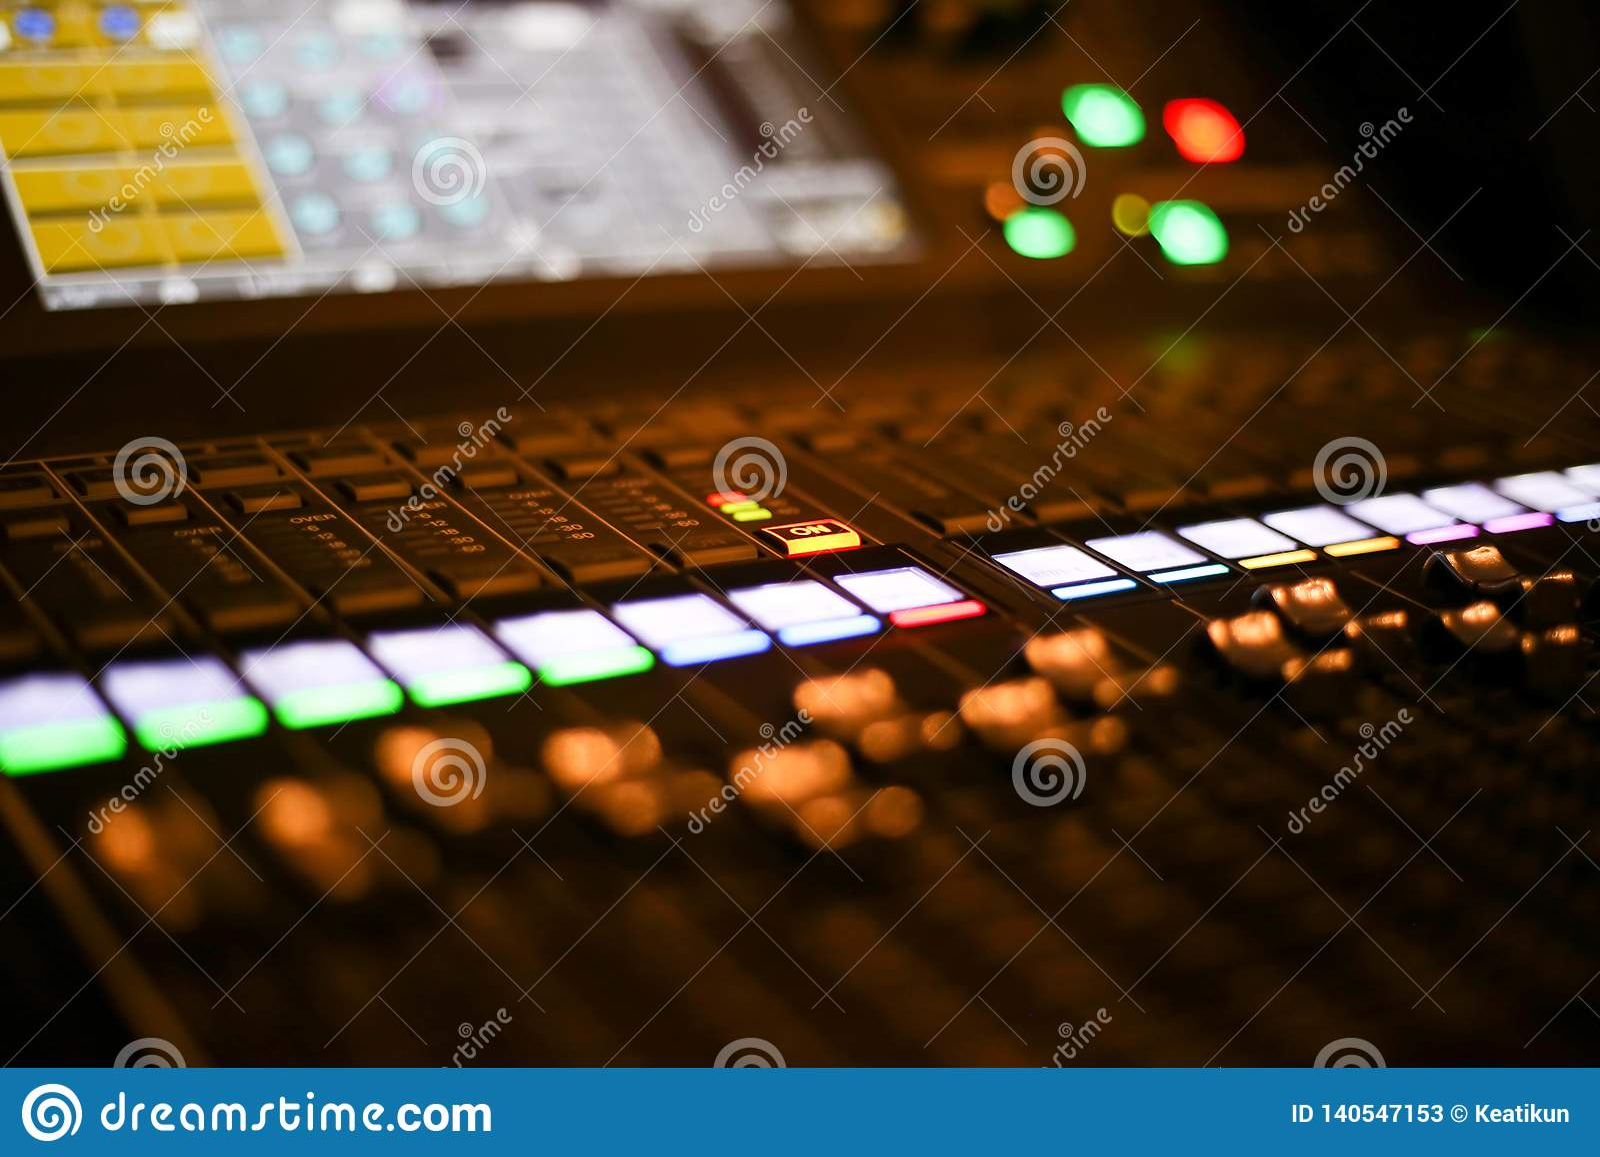 Ausrüstung zur Tonmeistersteuerung in Studio Fernsehsender, Audio und Video-Produktions-Rangierlok des Fernsehens übertrugen